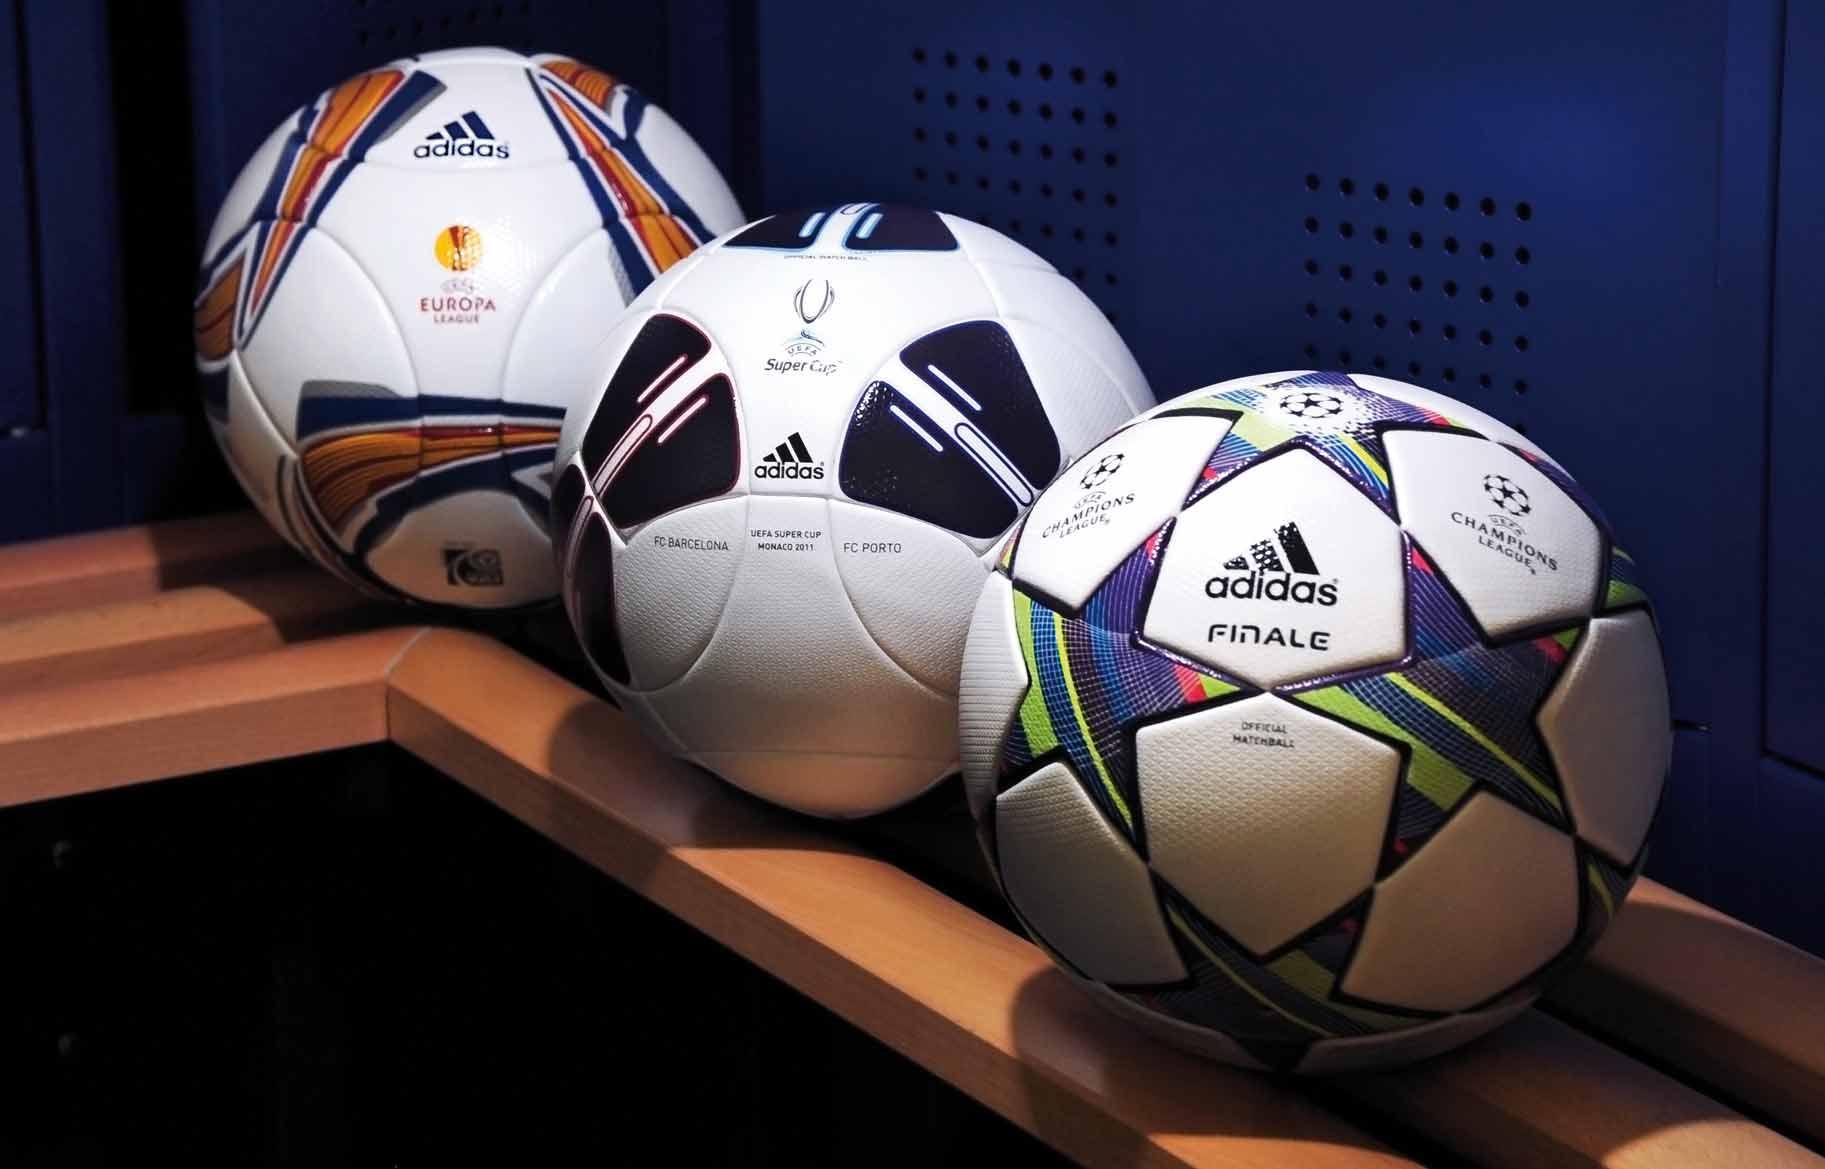 мяч Лиги Европы УЕФА сезона-2011/2012, мяч суперкубка УЕФА 2011, мяч Adidas Finale 11